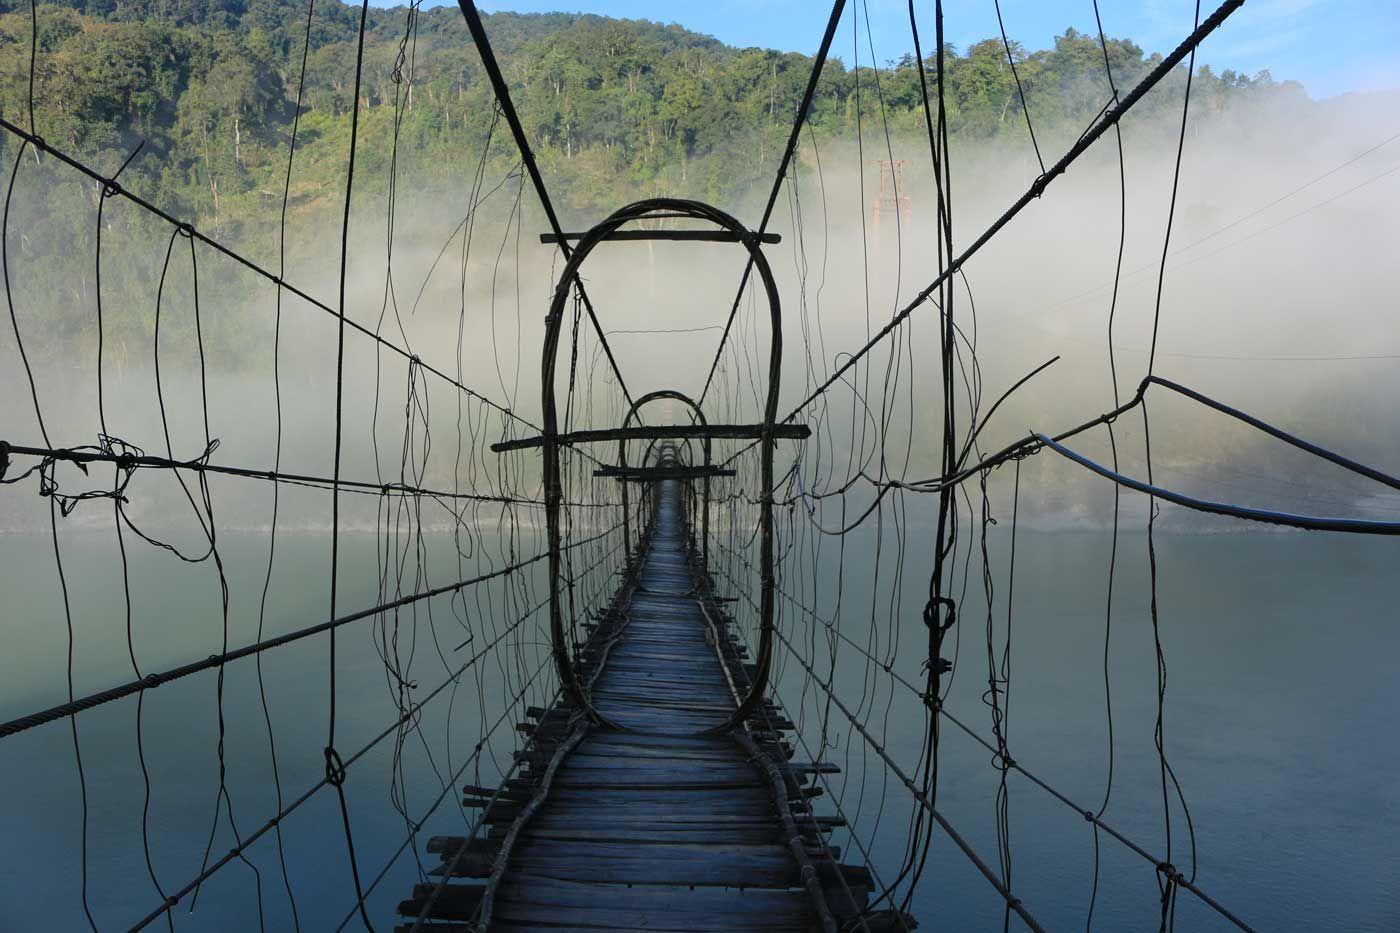 Fotos Gesar Travel Ladakh India Bhutan Reiseideen Reisen Bhutan